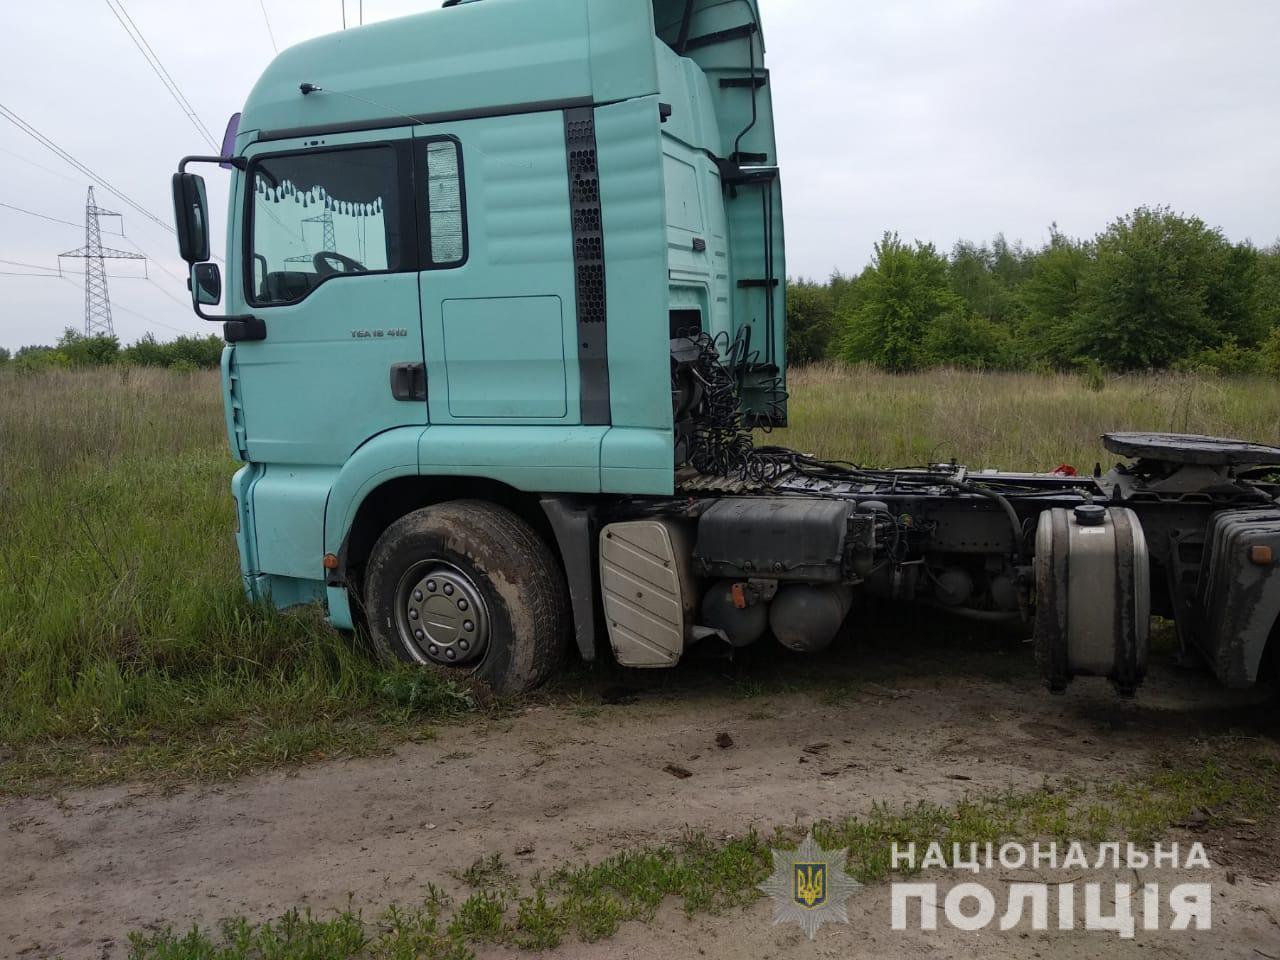 На Киевщине подросток с малолеткой угнали грузовик